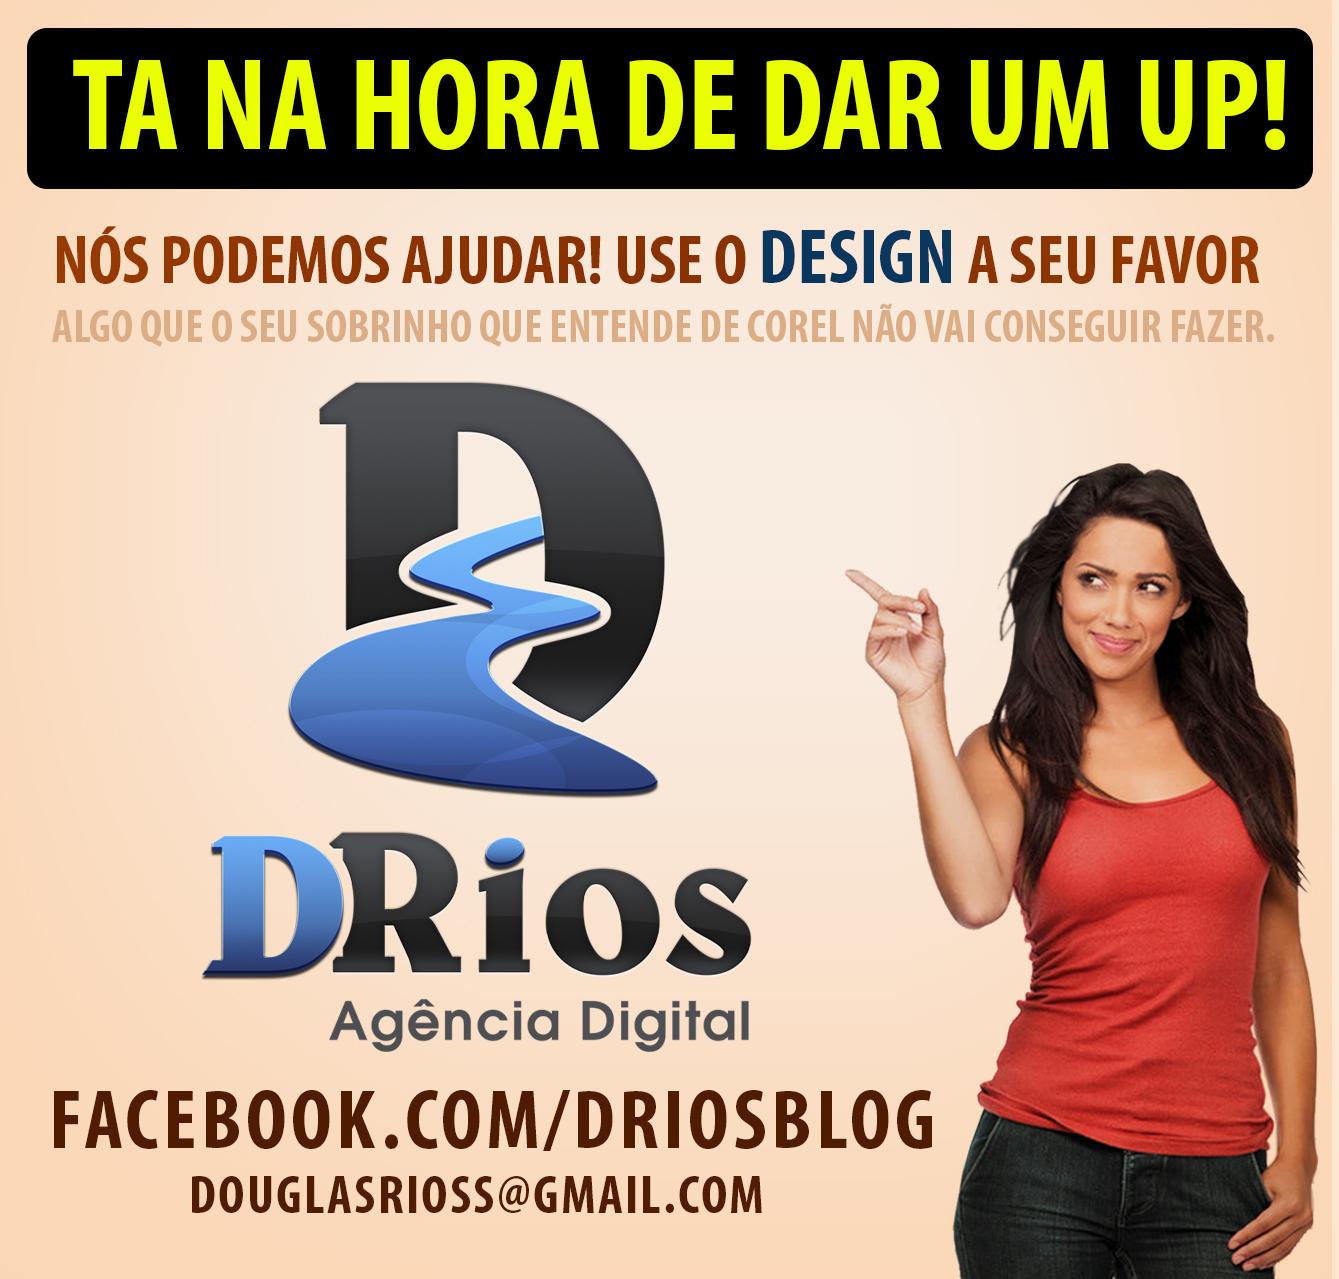 logos, designer, promoção, desconto, publicidade, folheto, drios, driosdesigner, driosblog